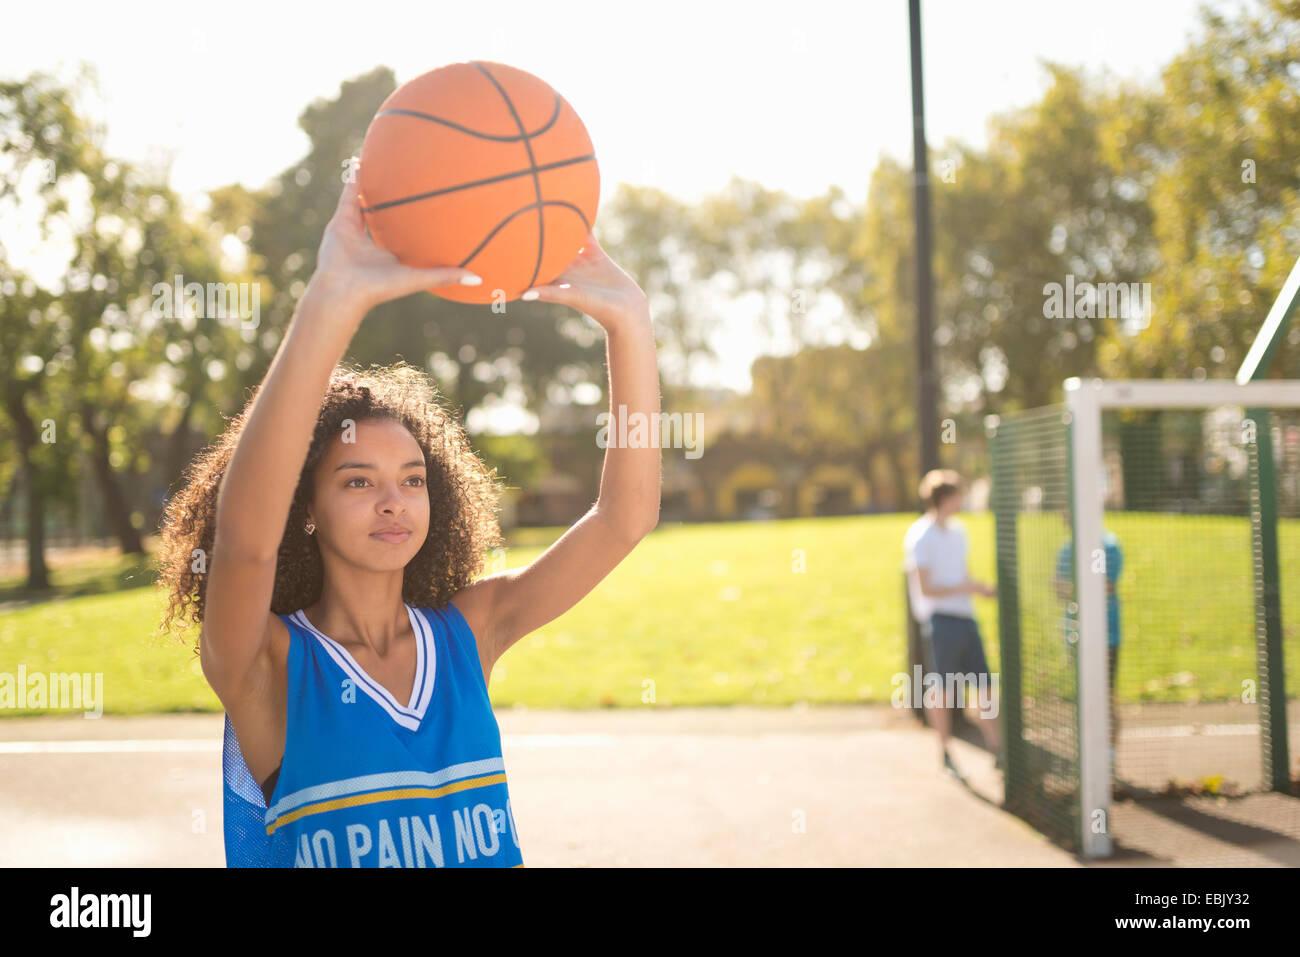 Joven jugador de baloncesto femenino sosteniendo el baloncesto Imagen De Stock